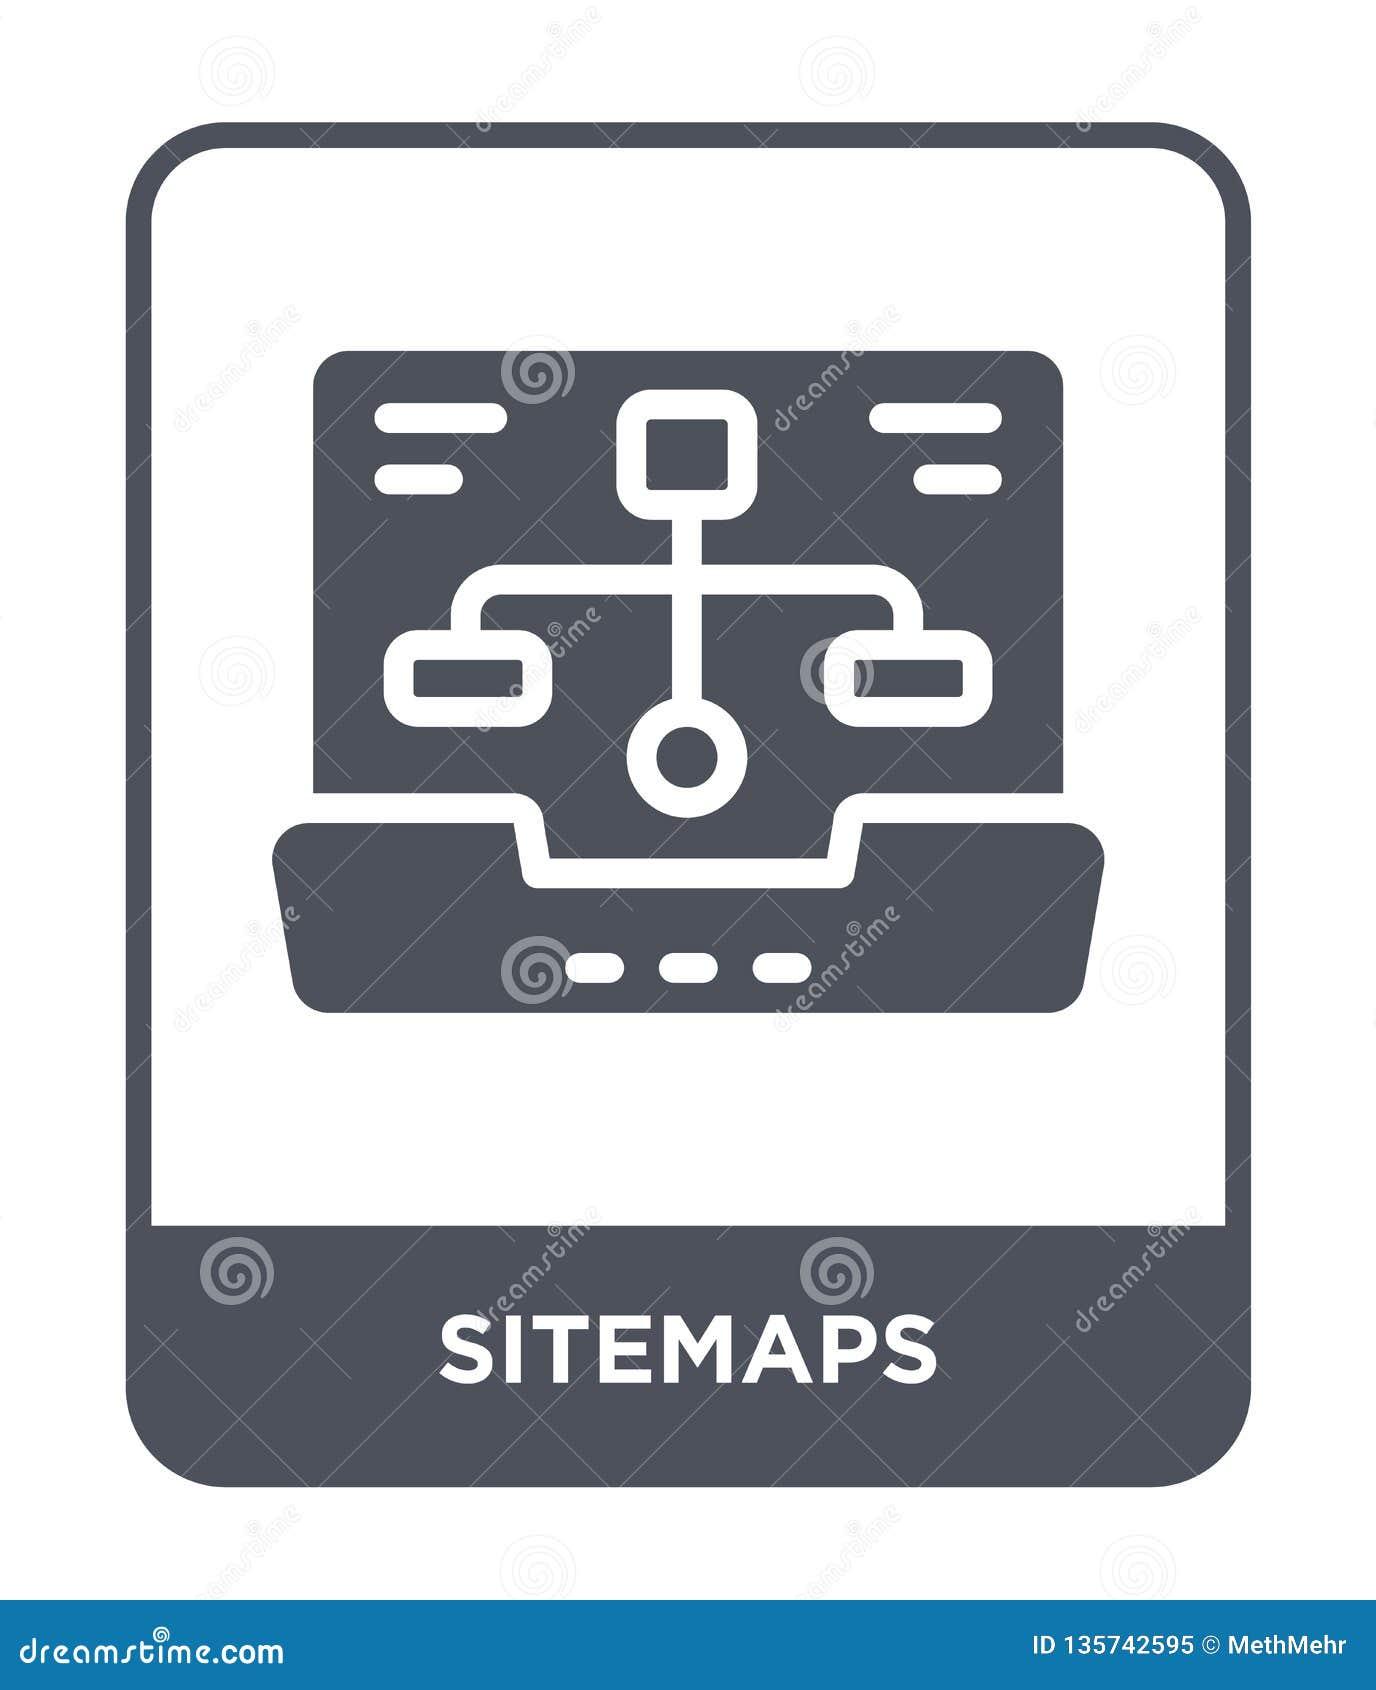 Sitemapssymbol i moderiktig designstil sitemapssymbol som isoleras på vit bakgrund enkel och modern lägenhet för sitemapsvektorsy